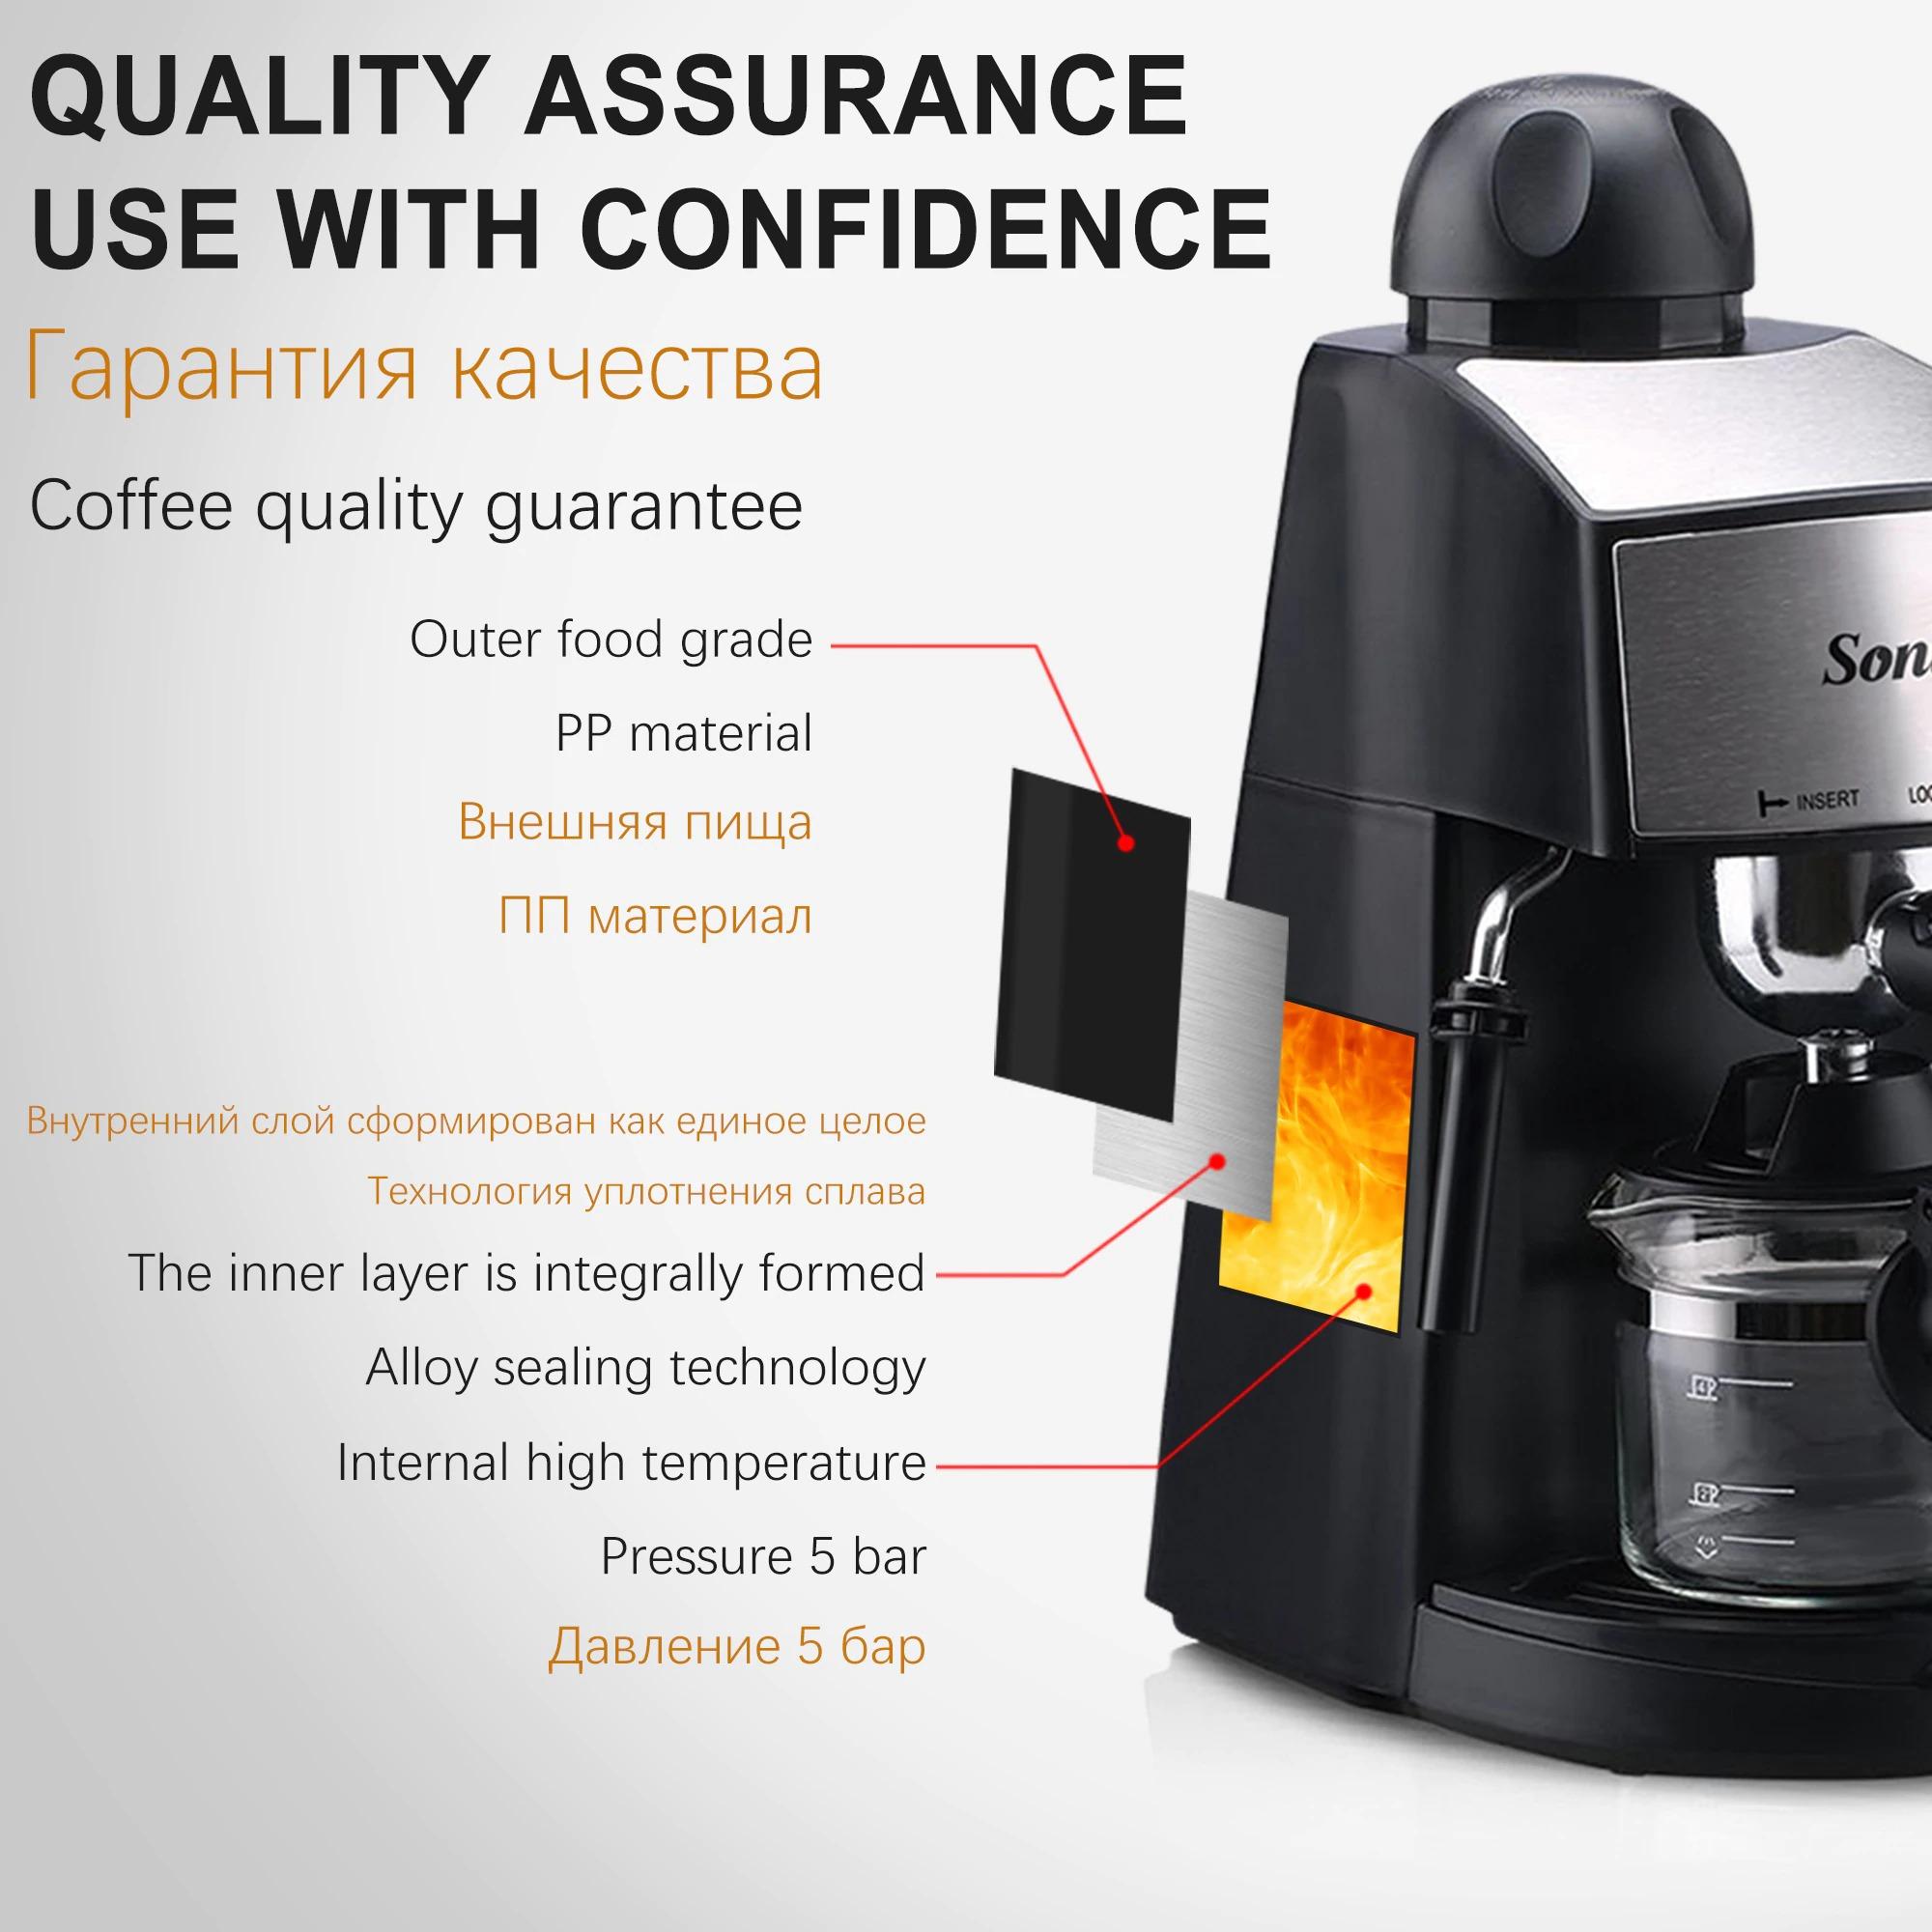 Sonifer Machine à café et Cappuccino de 4 tasse et 3,5 bar  ماكينة صنع القهوة وكابتشينو